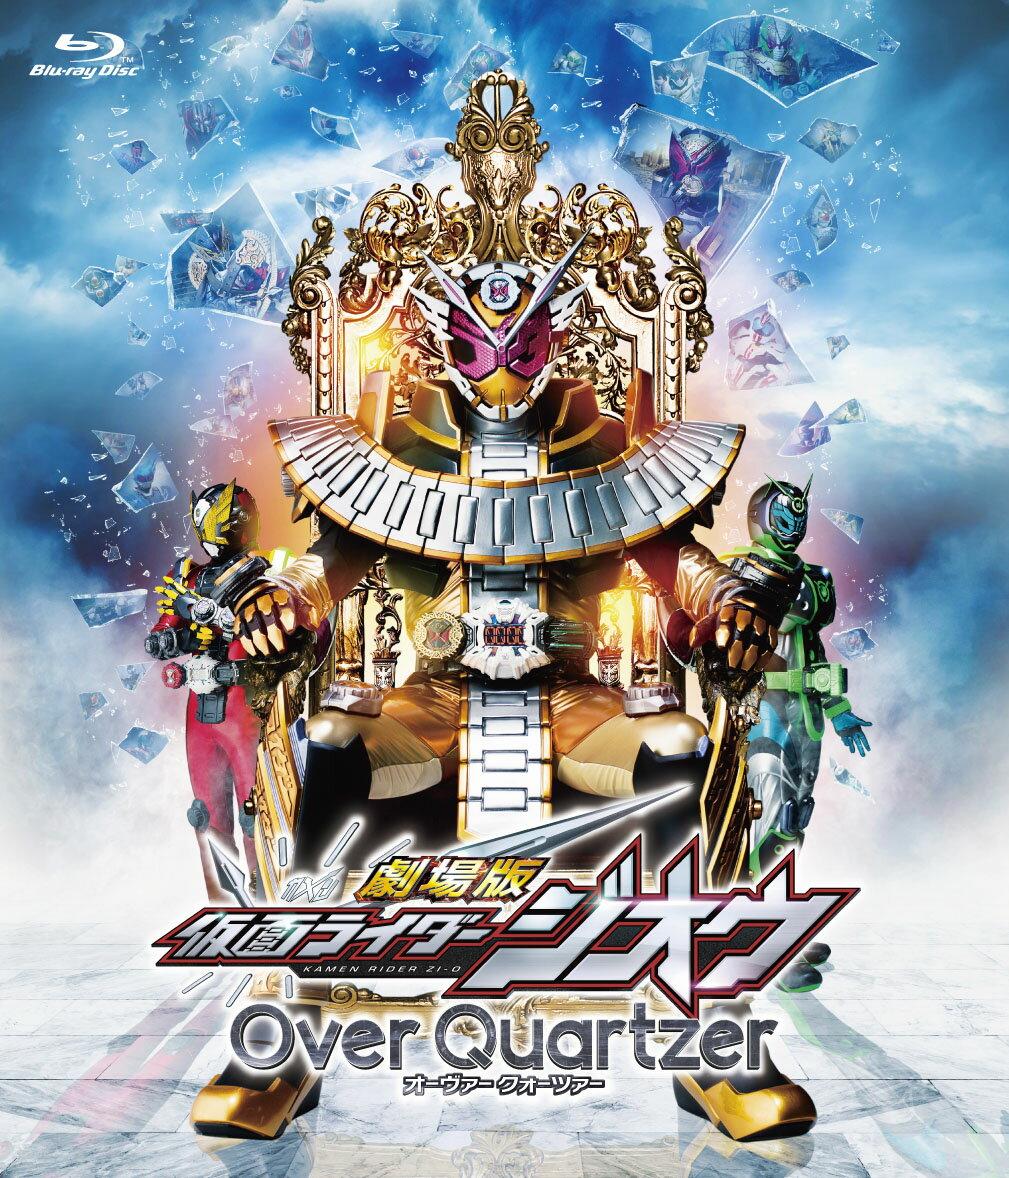 劇場版 仮面ライダージオウ Over Quartzer コレクターズパック【Blu-ray】